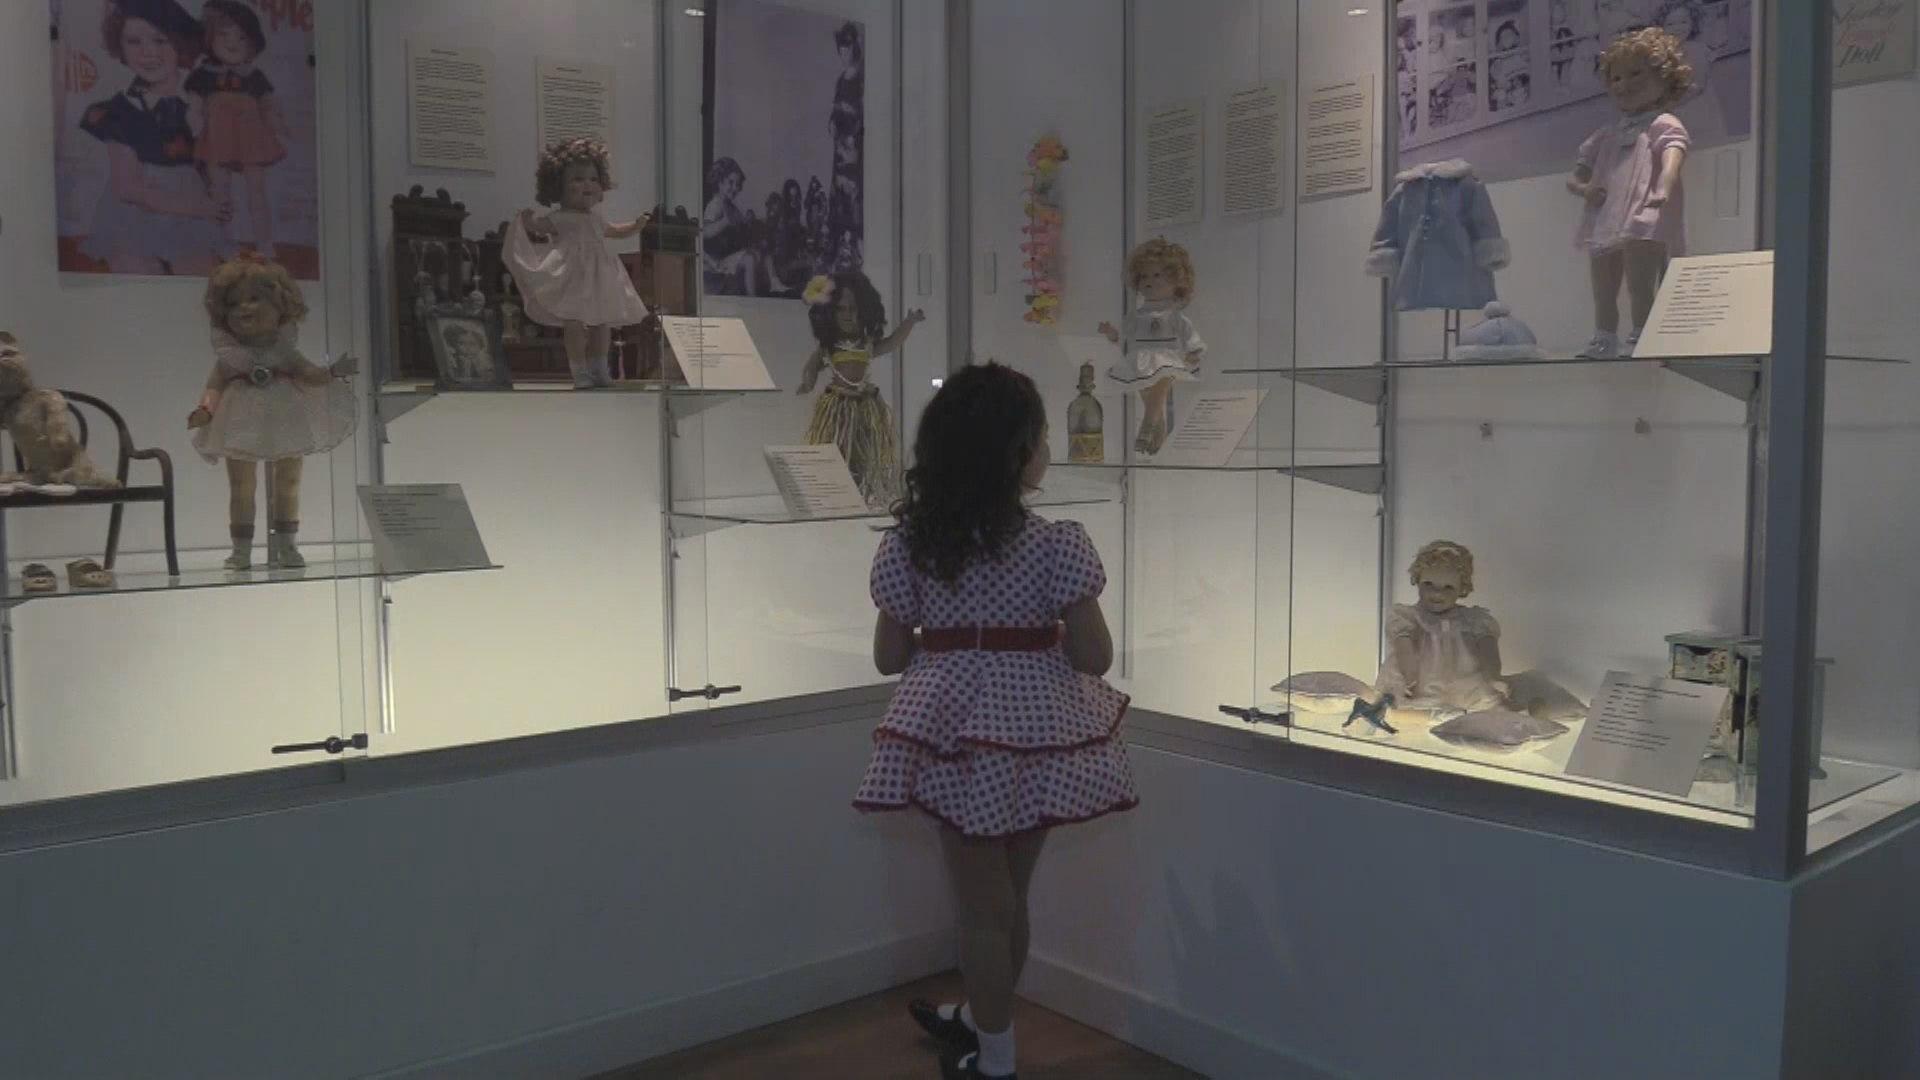 El encanto de Shirley Temple revive con una exposición de muñecas en Bolivia